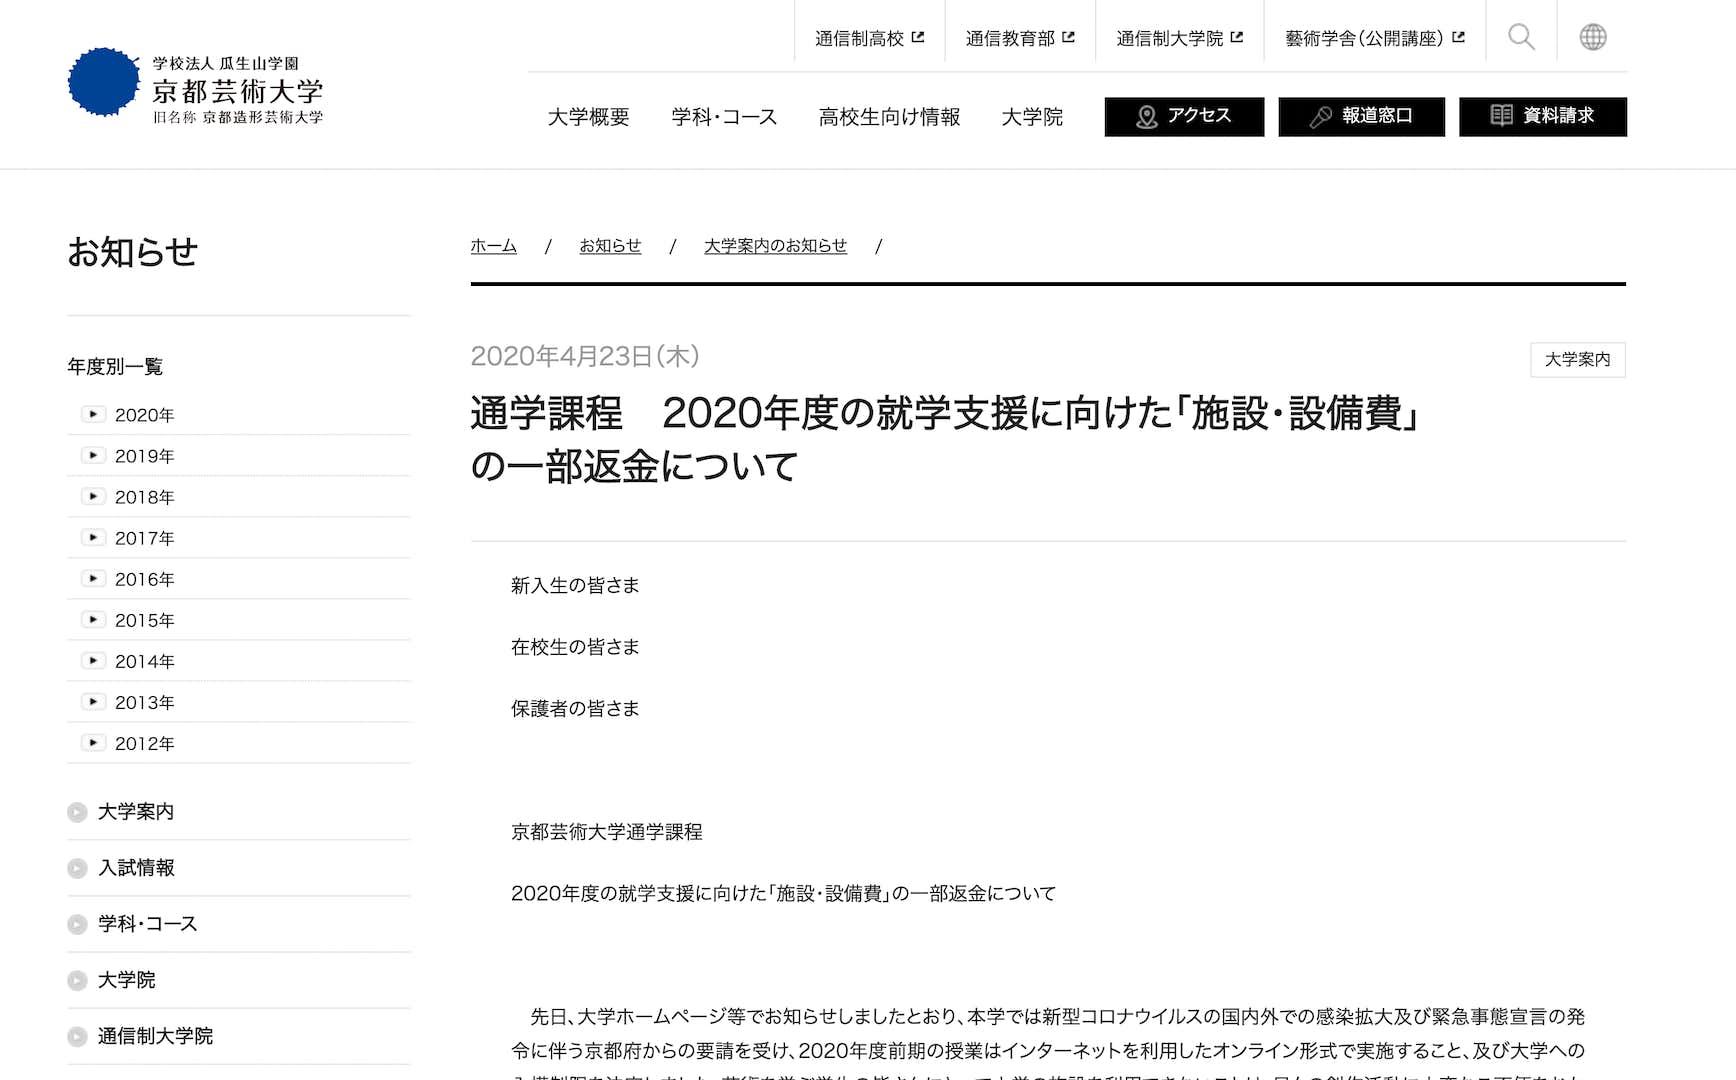 名古屋芸術大学 学費 4年間